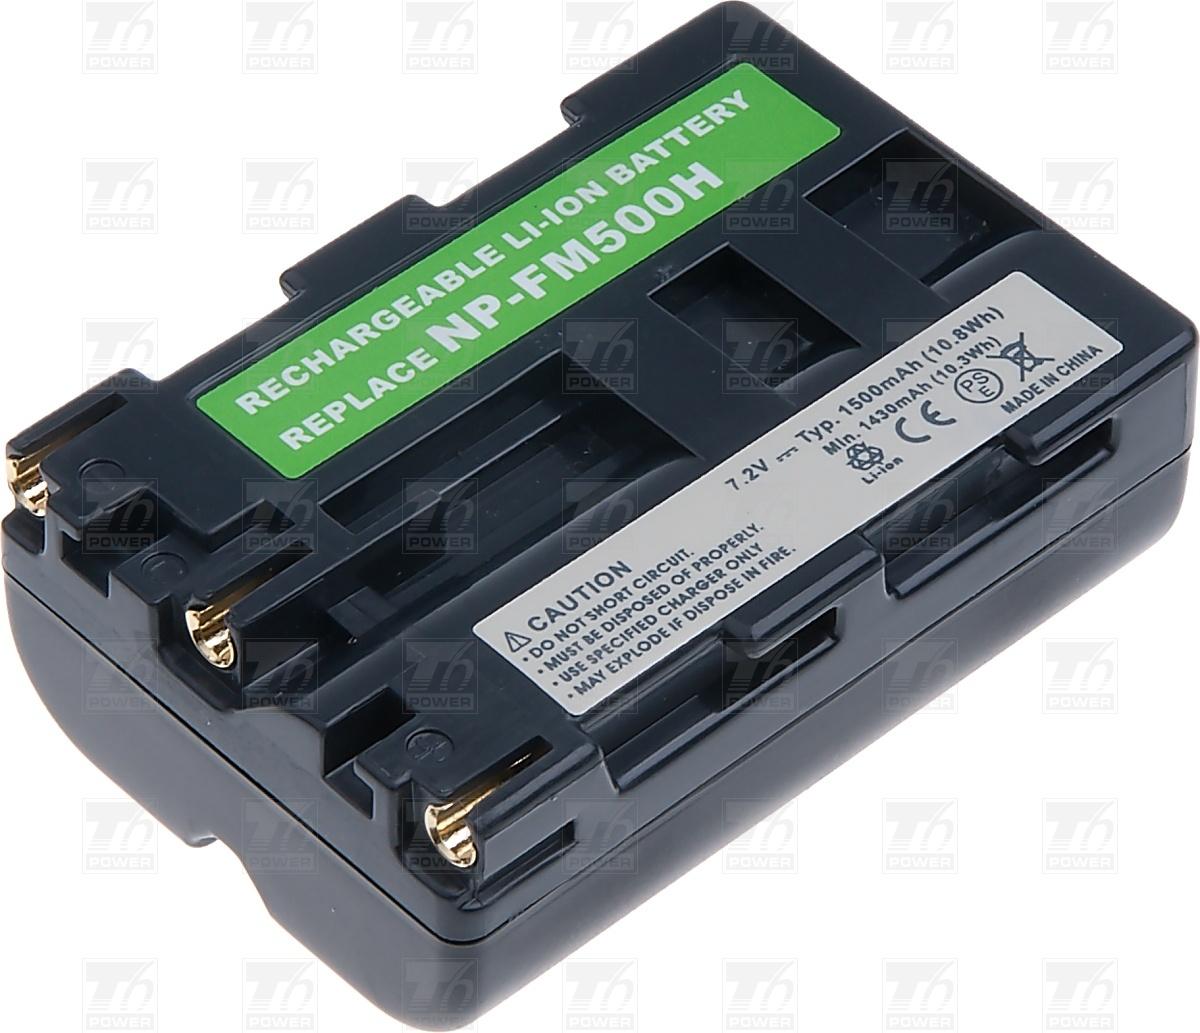 T6 power Baterie T6 power NP-FM500H, NP-FM55H DCSO0024